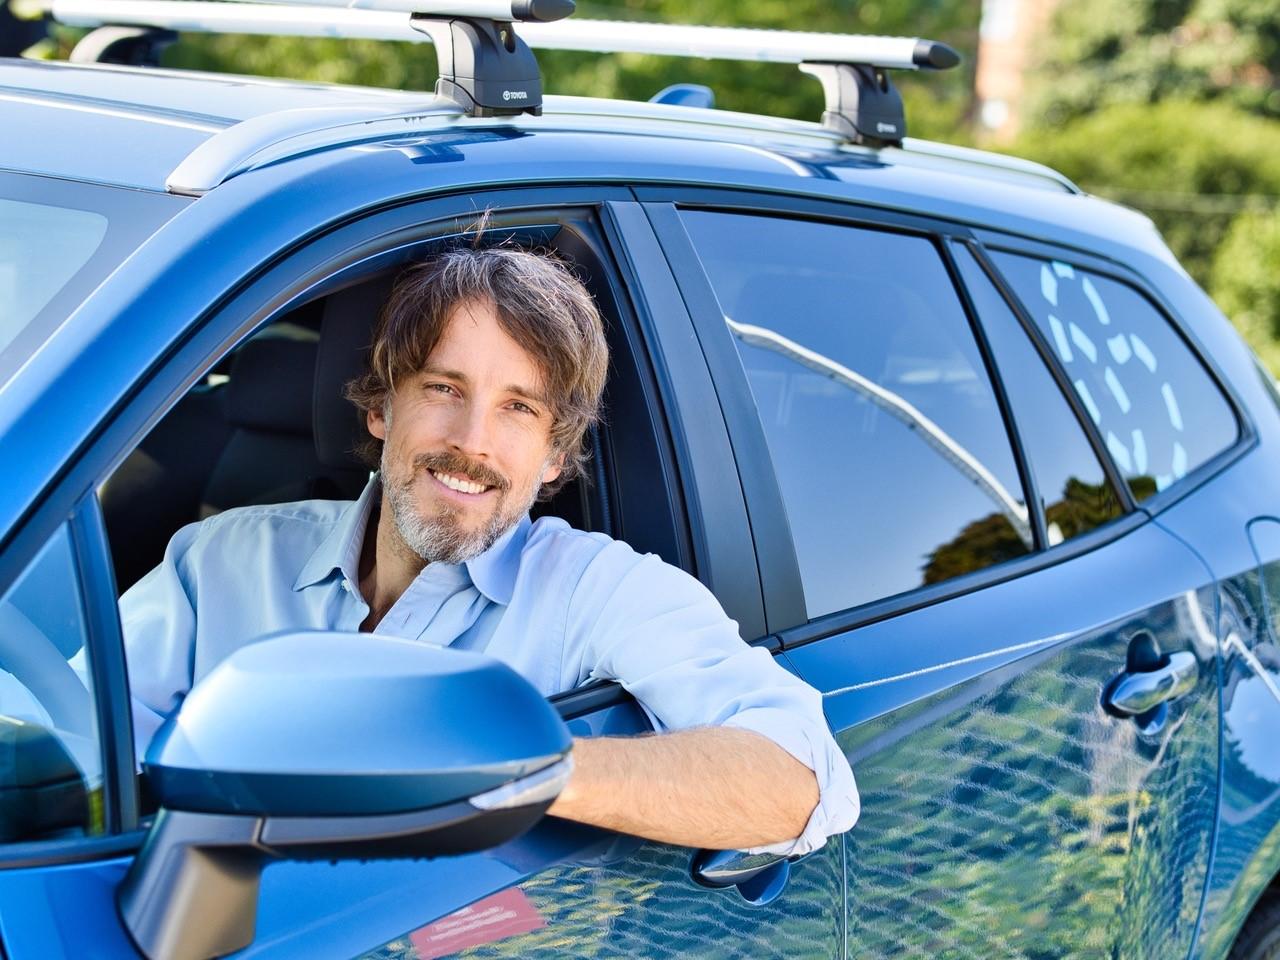 Stadig flere abonnerer på bil eller leier bil fra naboen